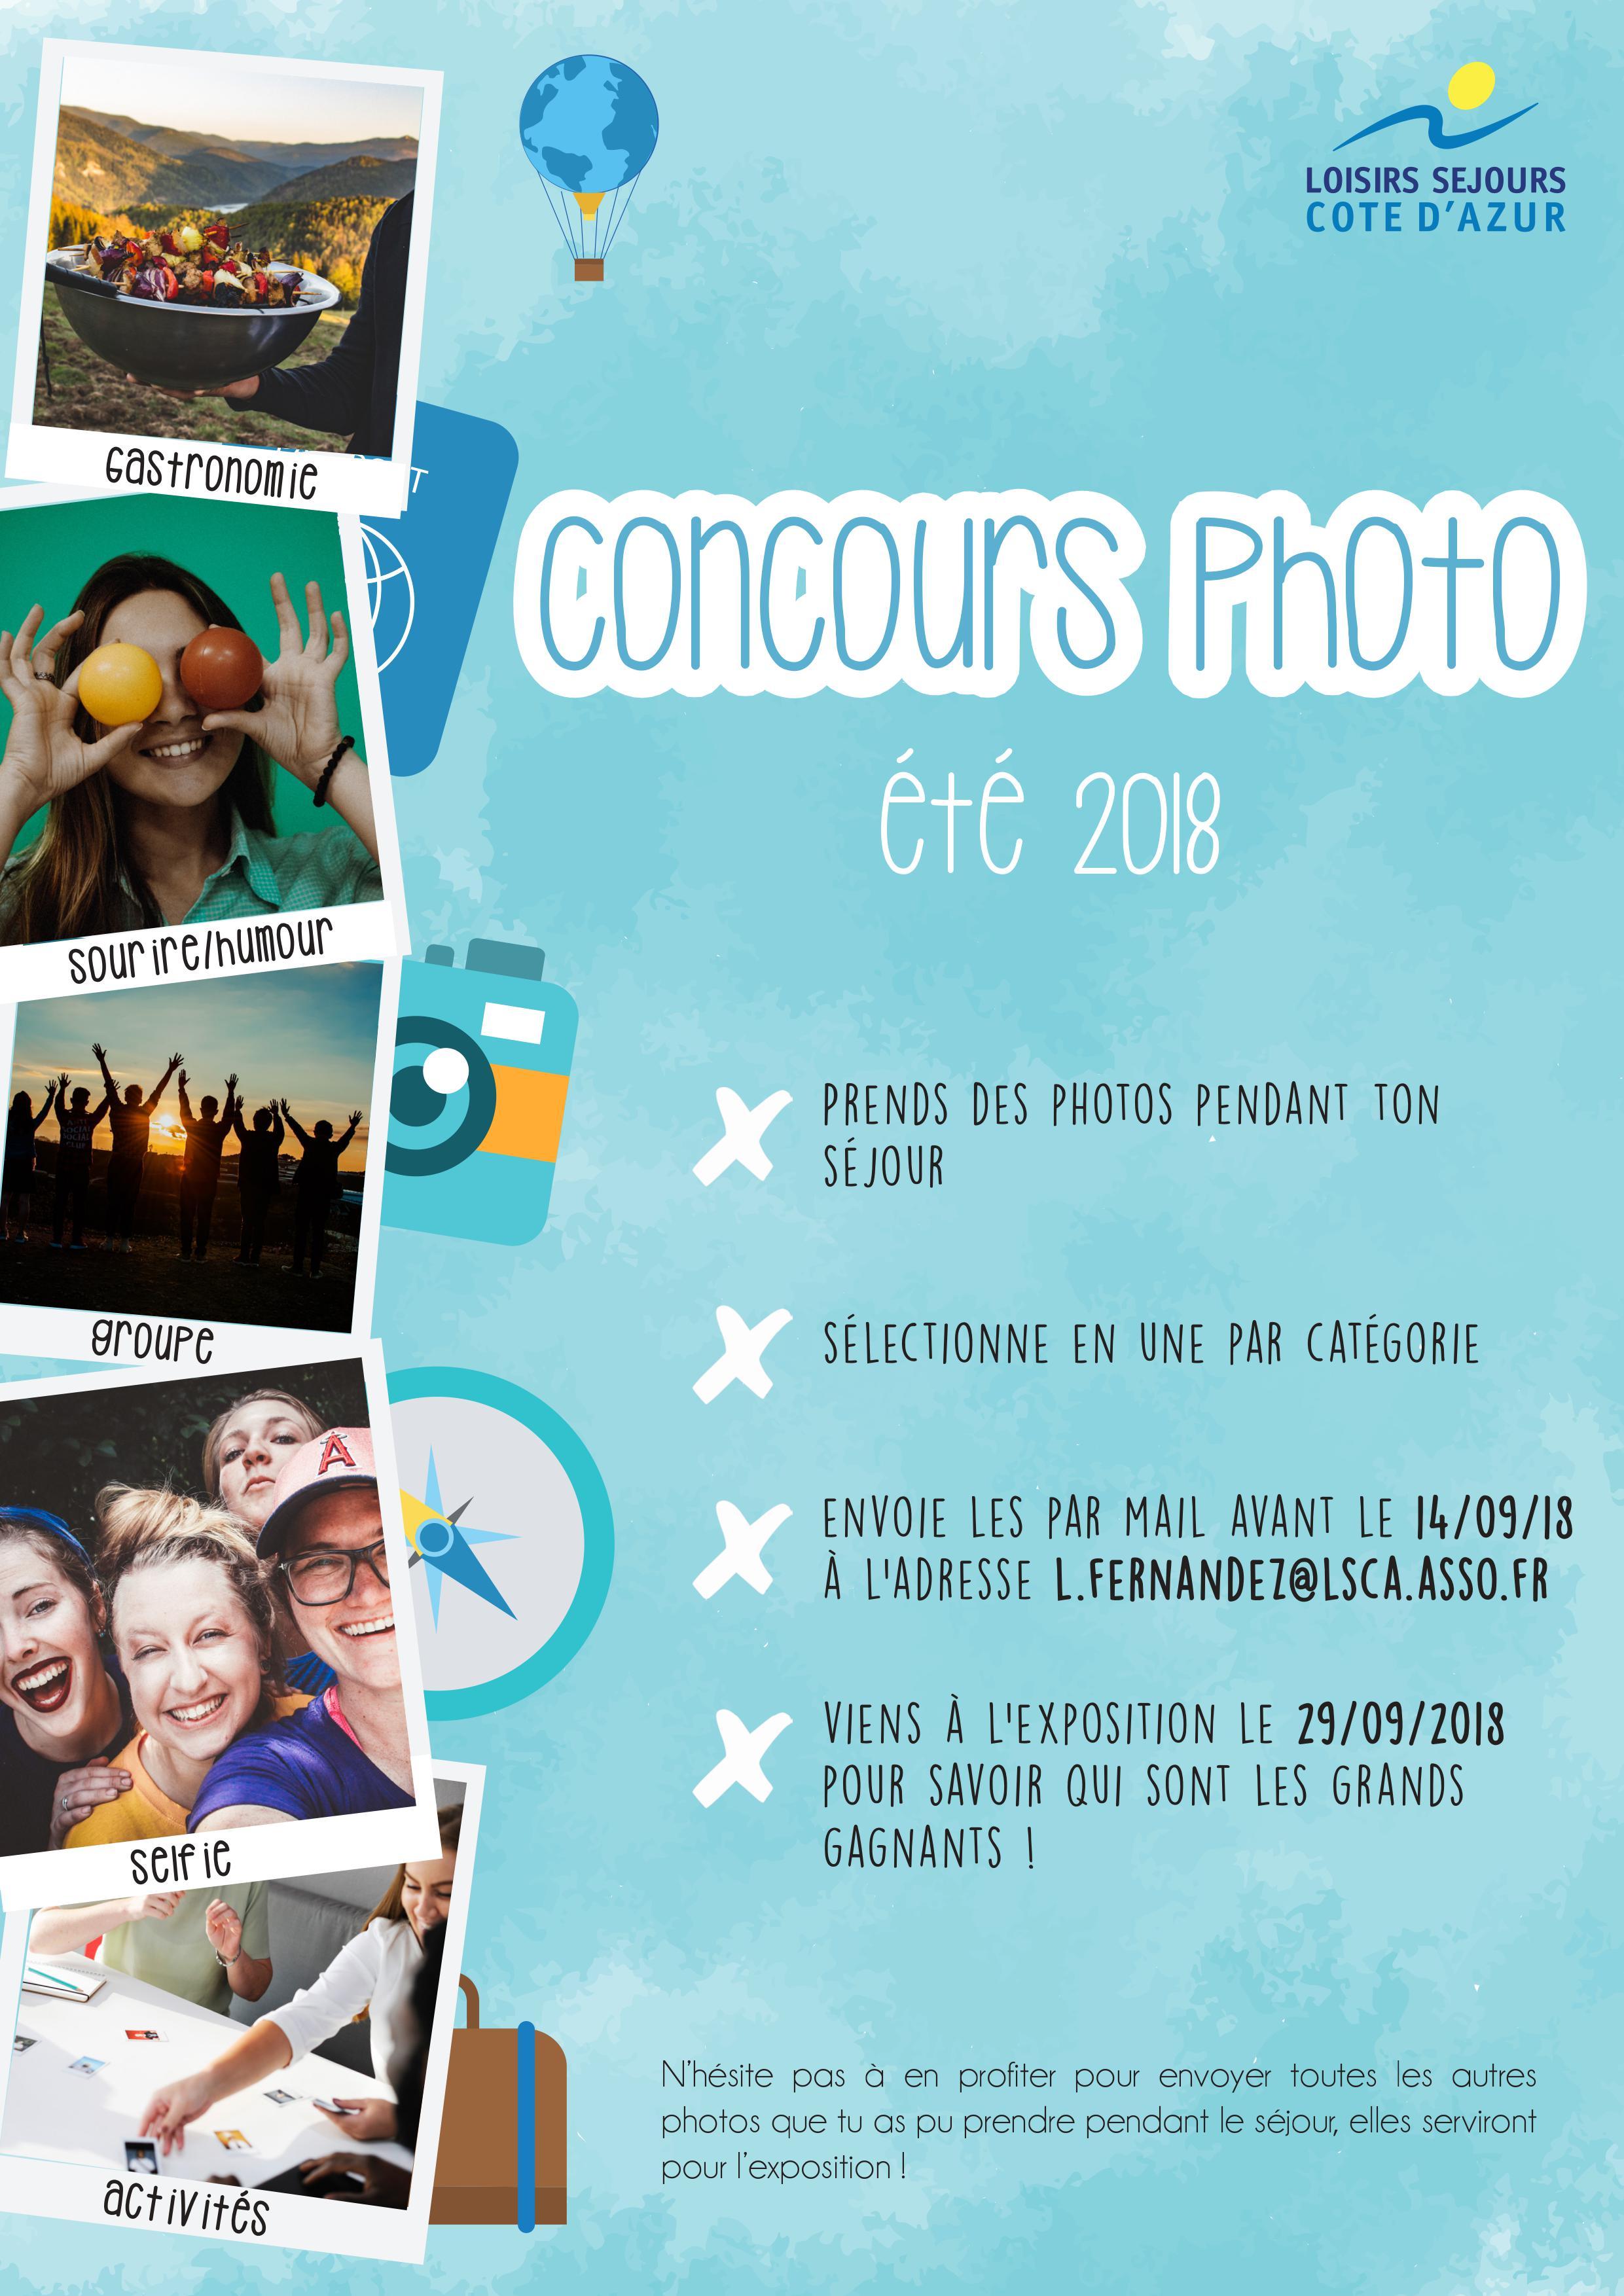 2018-affiche-concours-photo-ete-vacances-adaptees